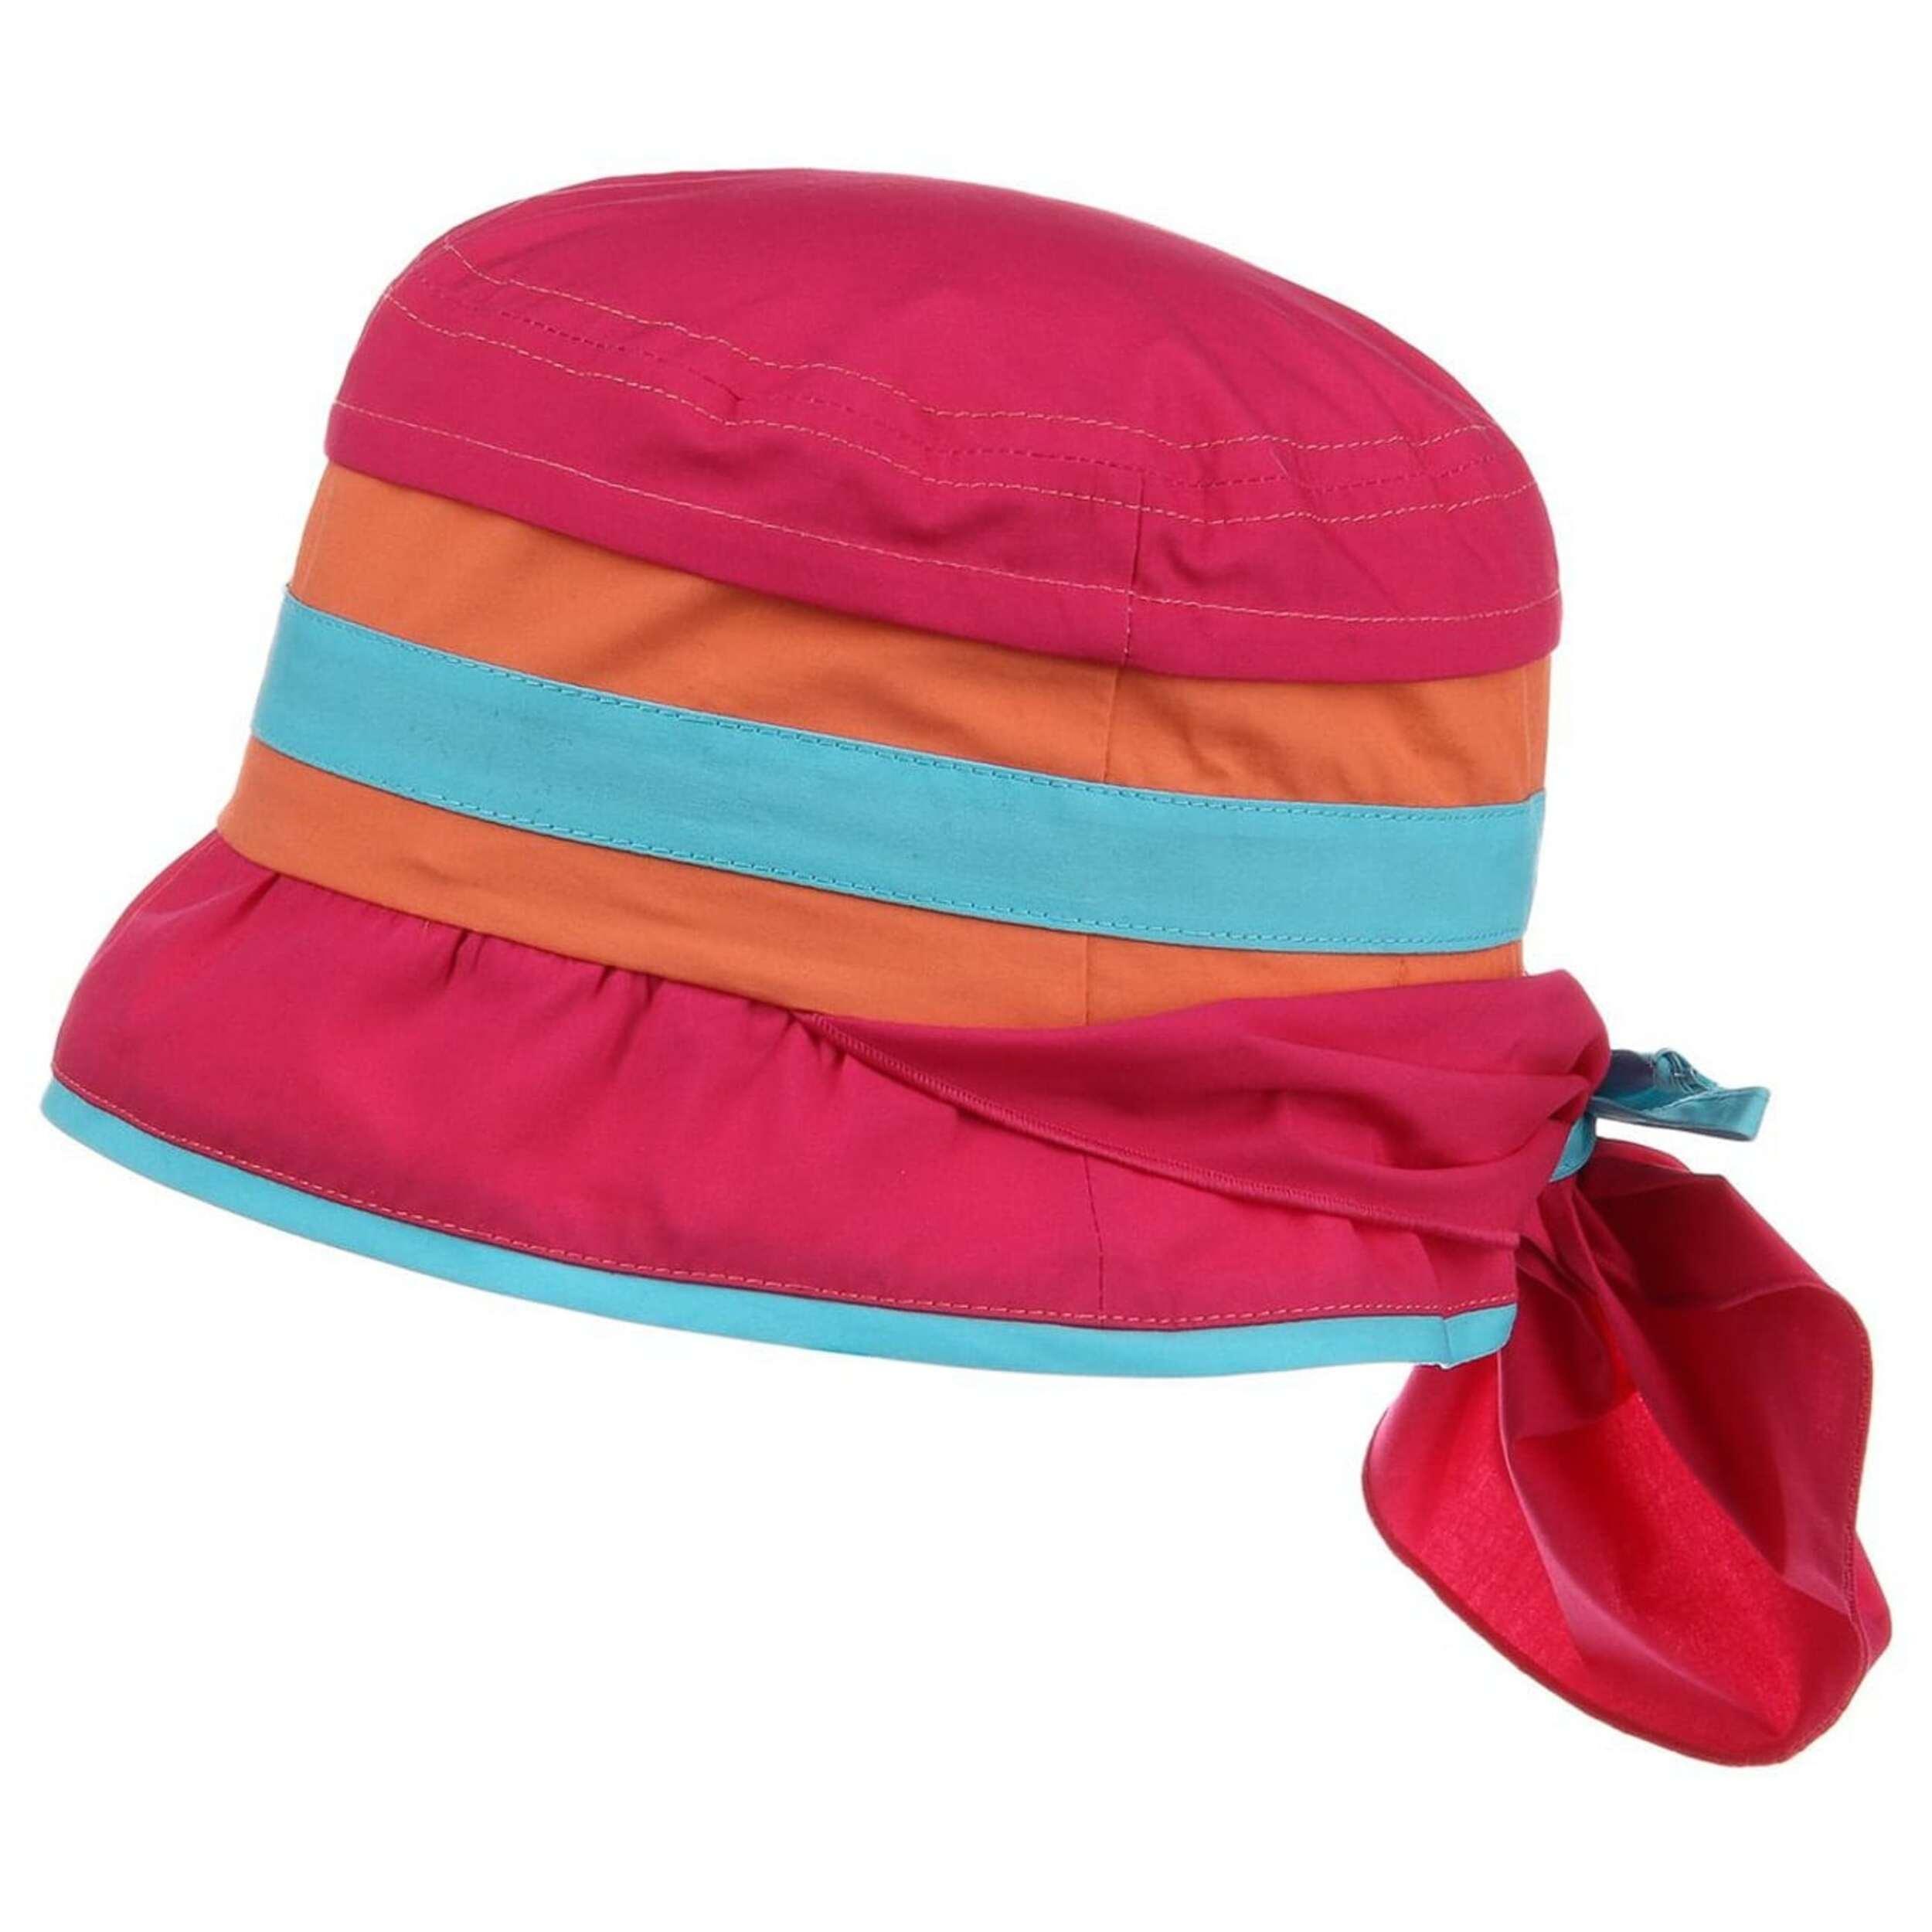 Maike Sun Hat by Sterntaler